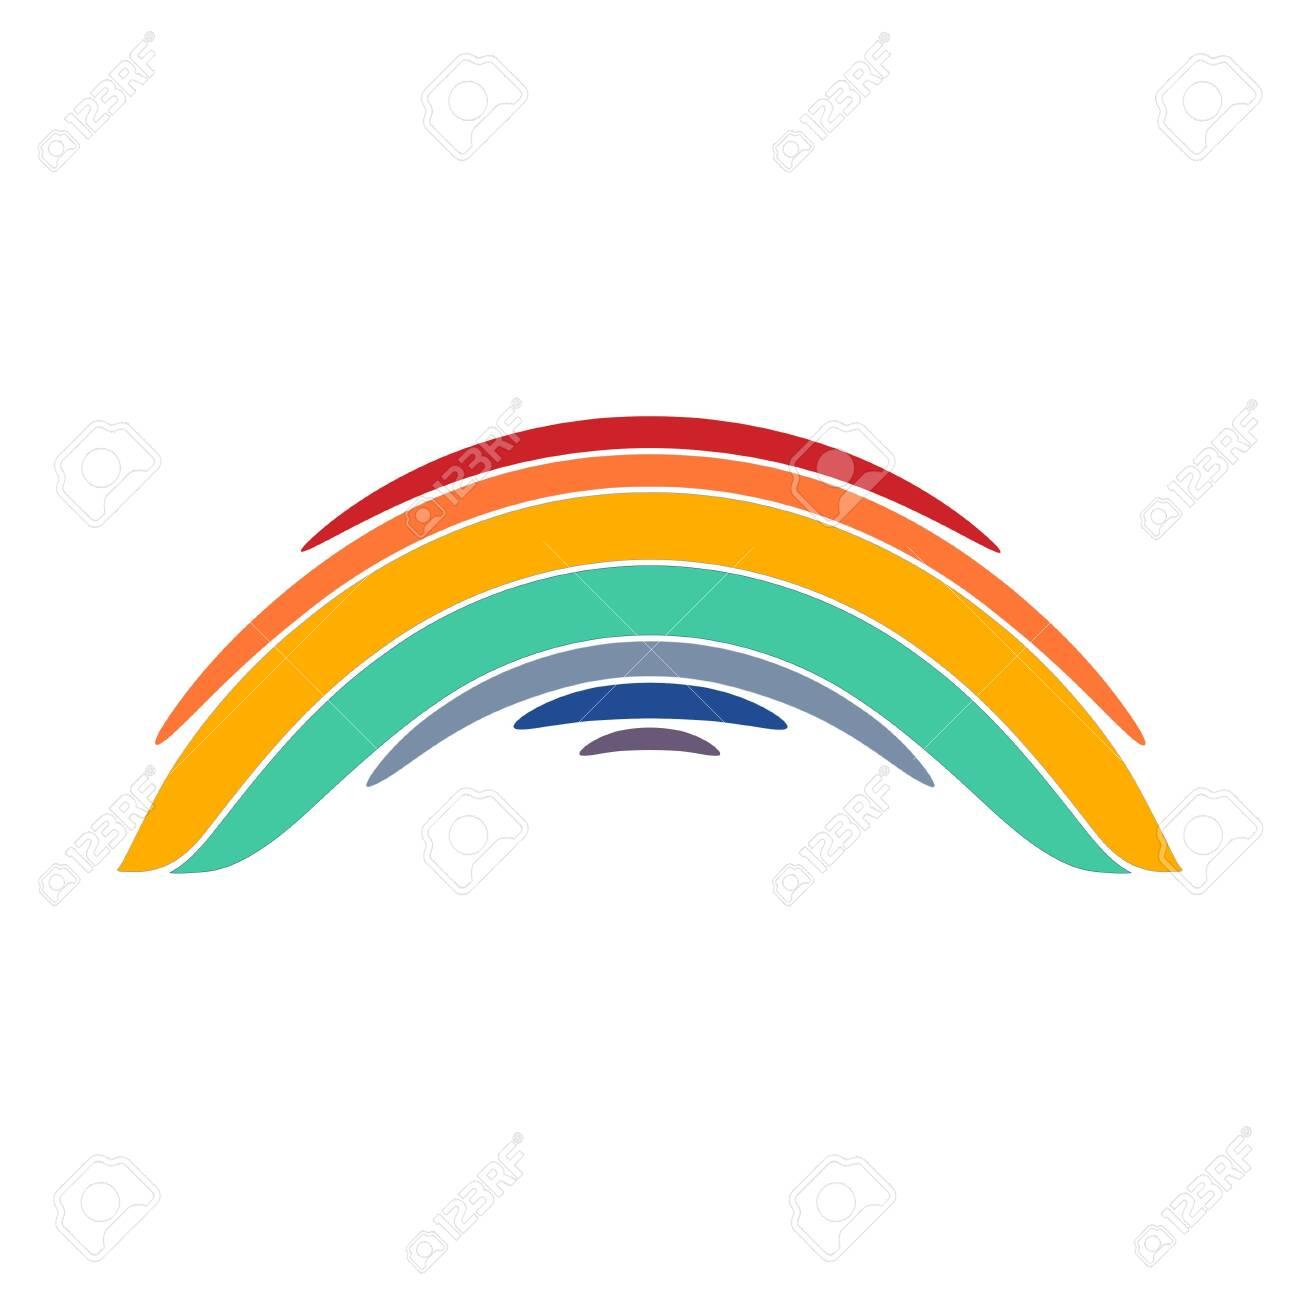 Stylized rainbow illustration on white background - 153736709